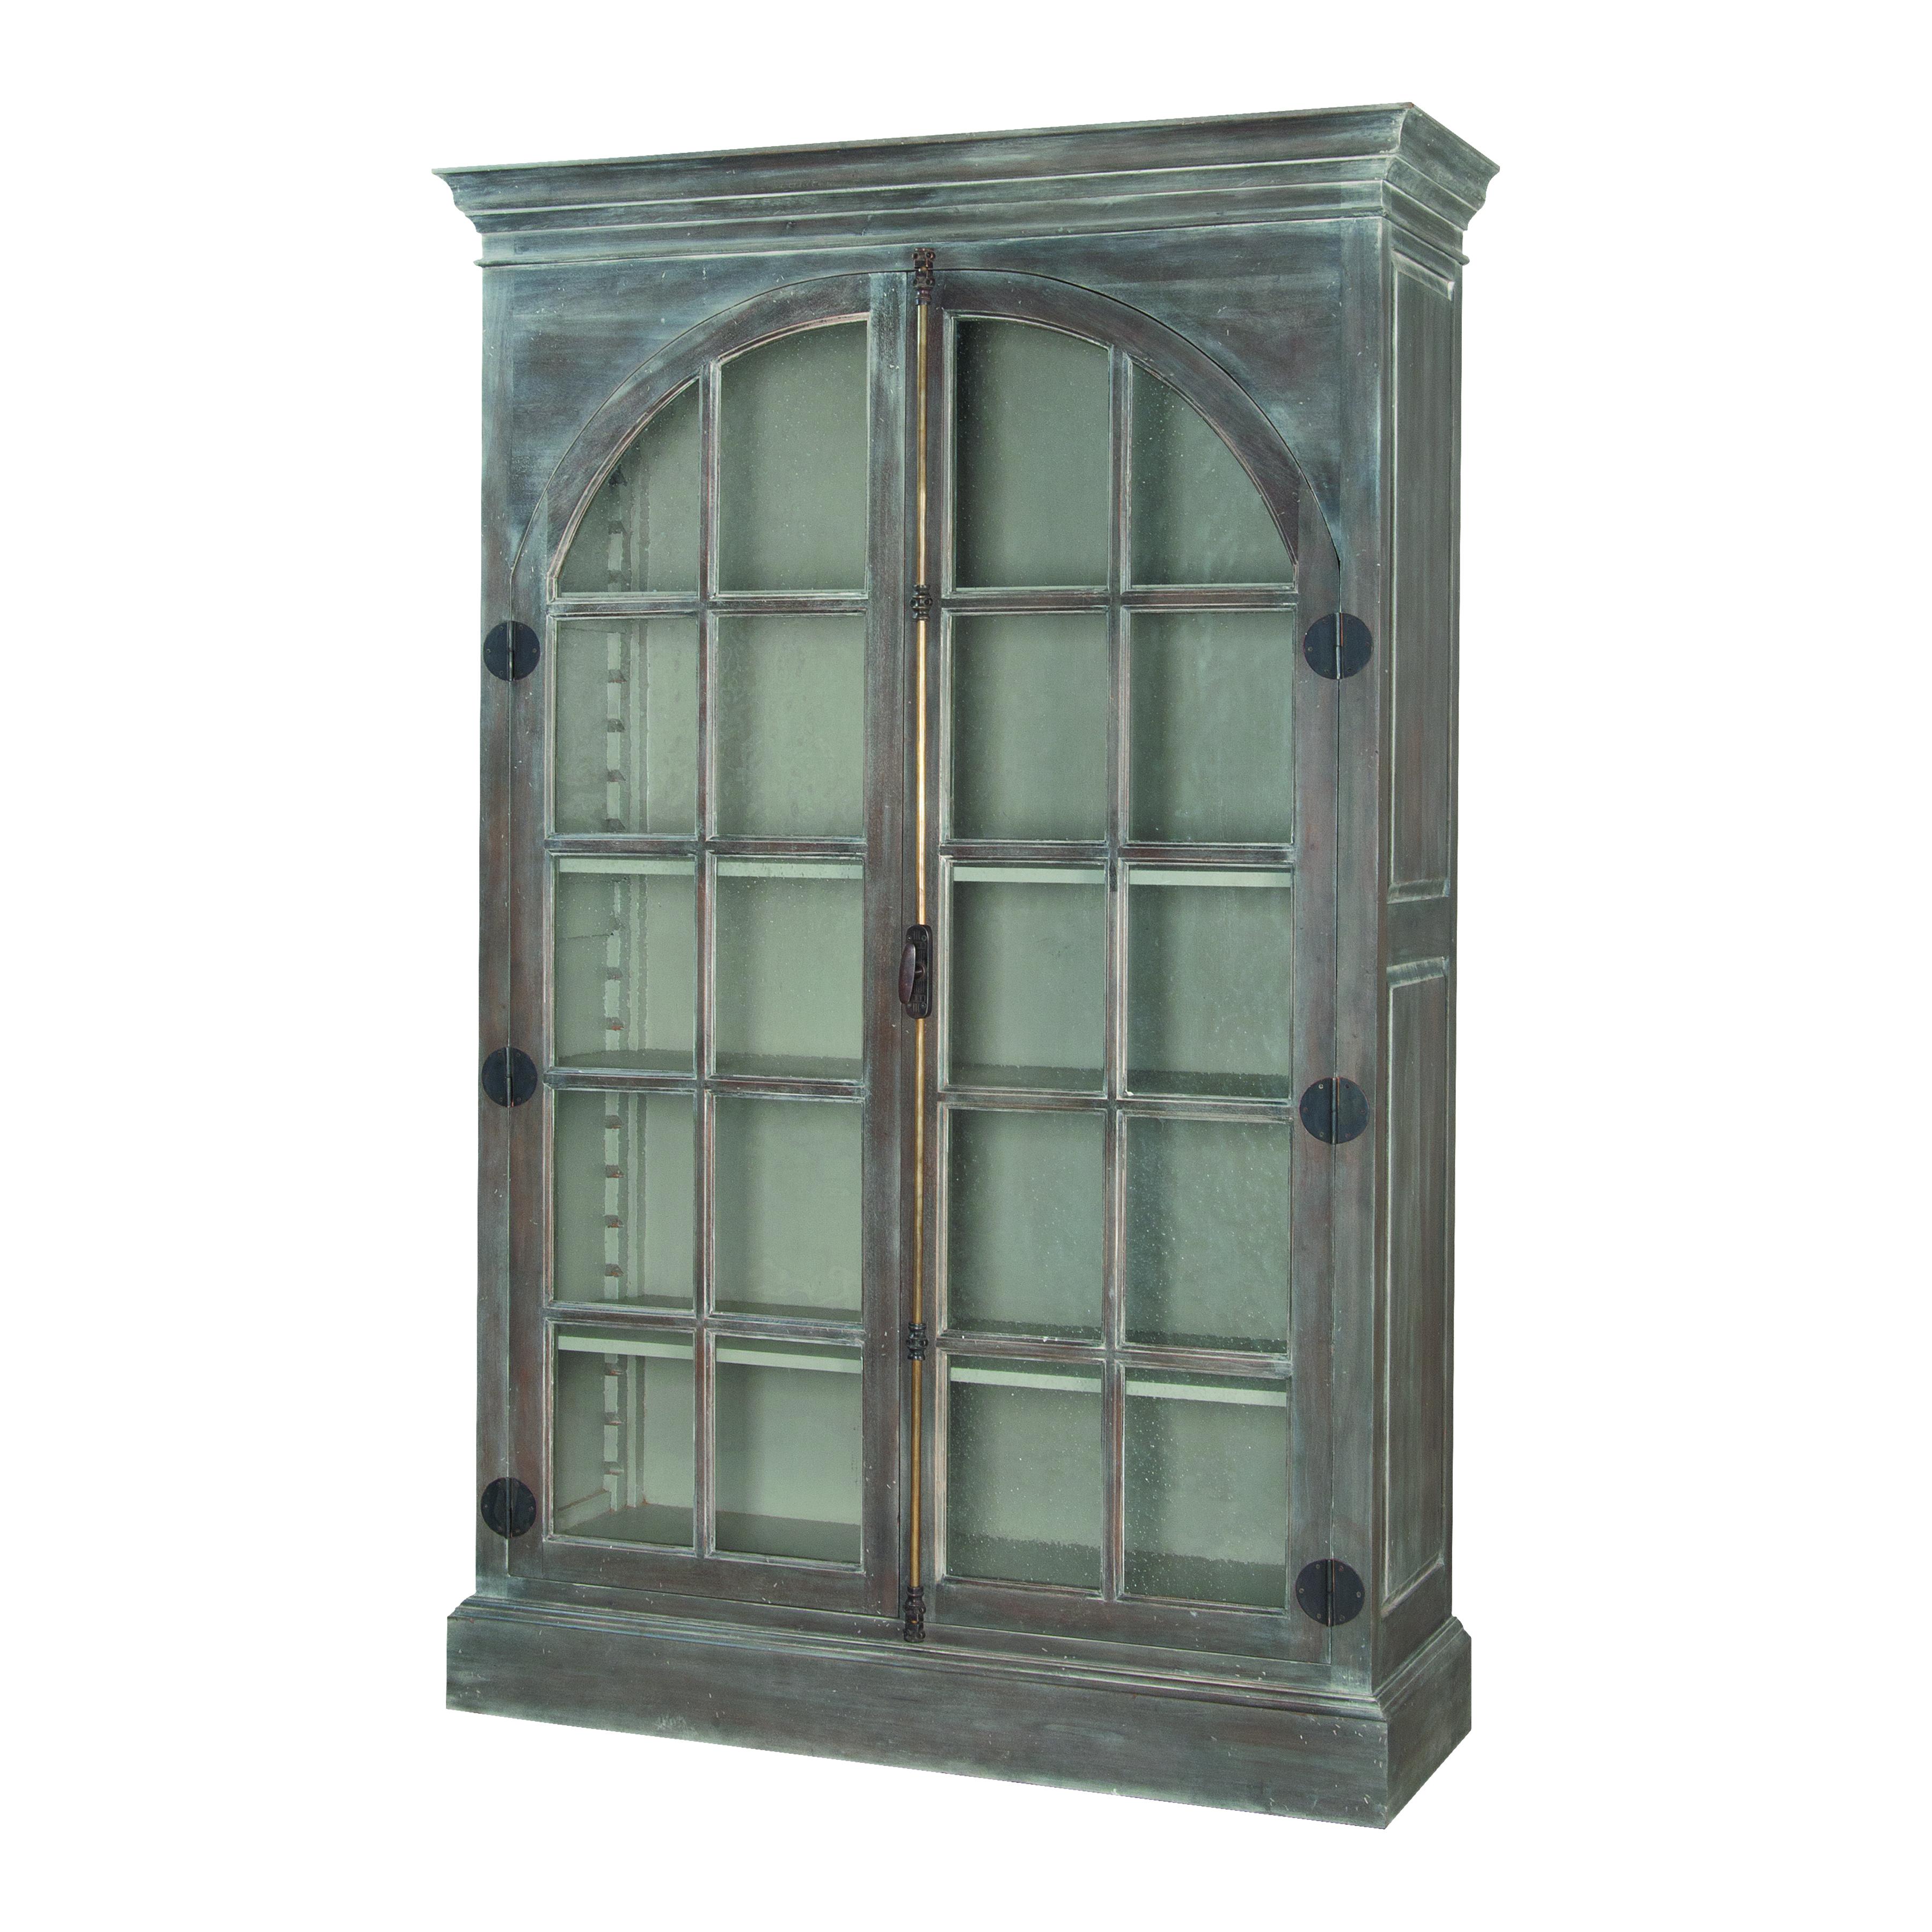 Manor Arched Door Display Cabinet | Elk Home